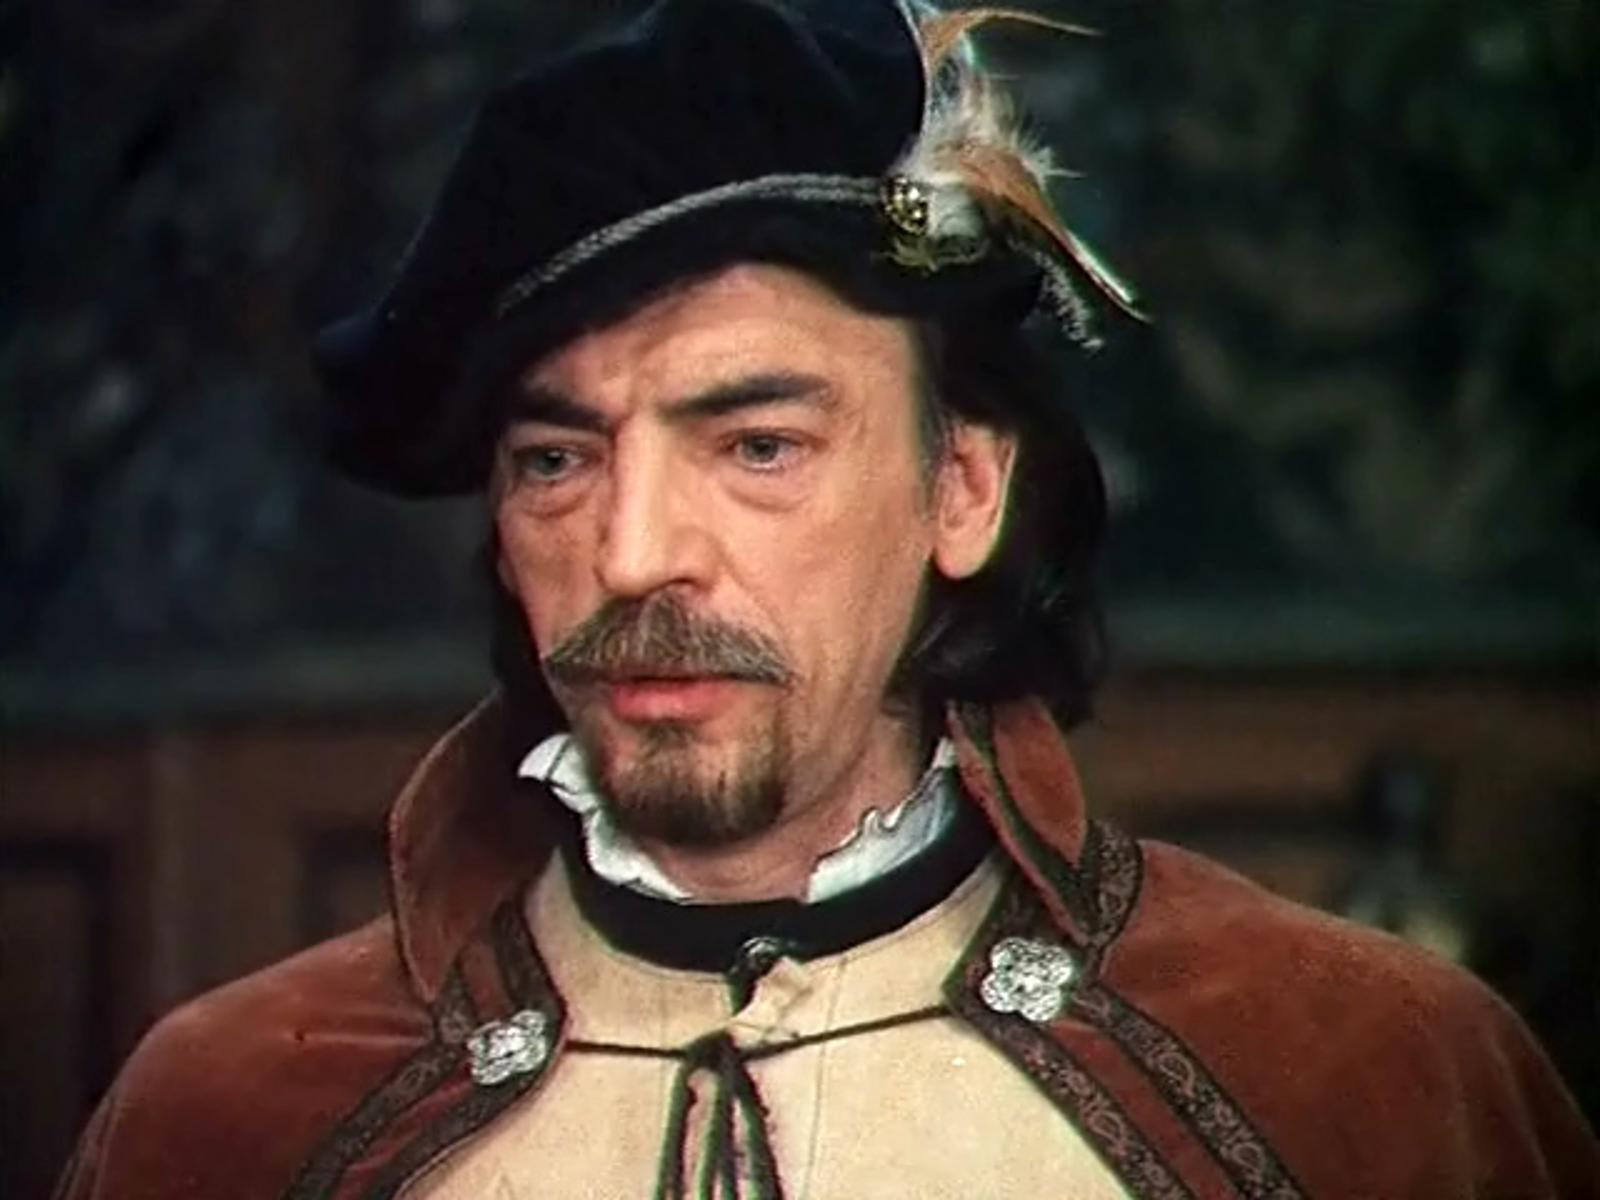 Шляпы Михаила Боярского, после которых вы выкрикнете: «Каналья!»